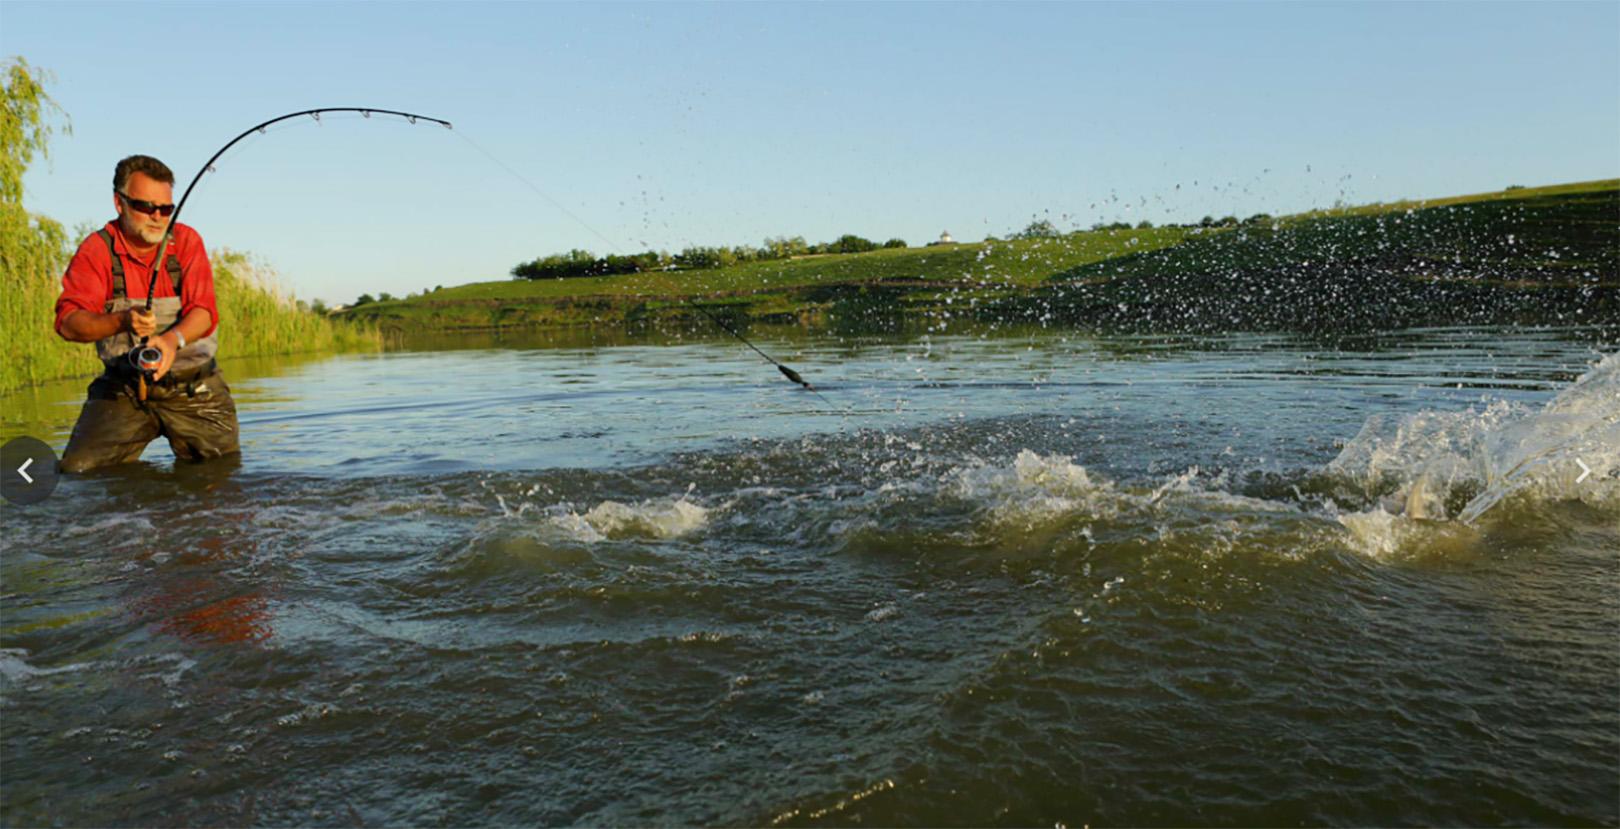 Du skal nok blive spændt godt for ved Sarulesti søen.